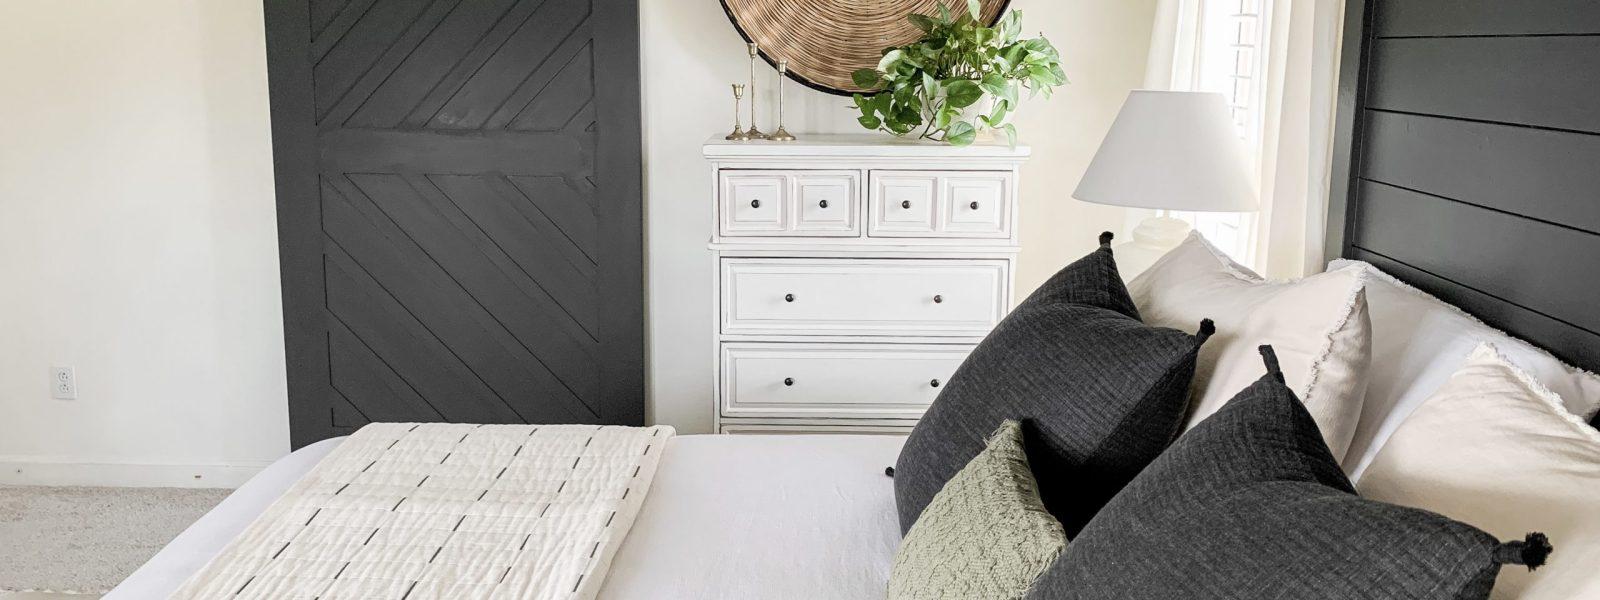 Master Bedroom Moody Barn Door Reveal